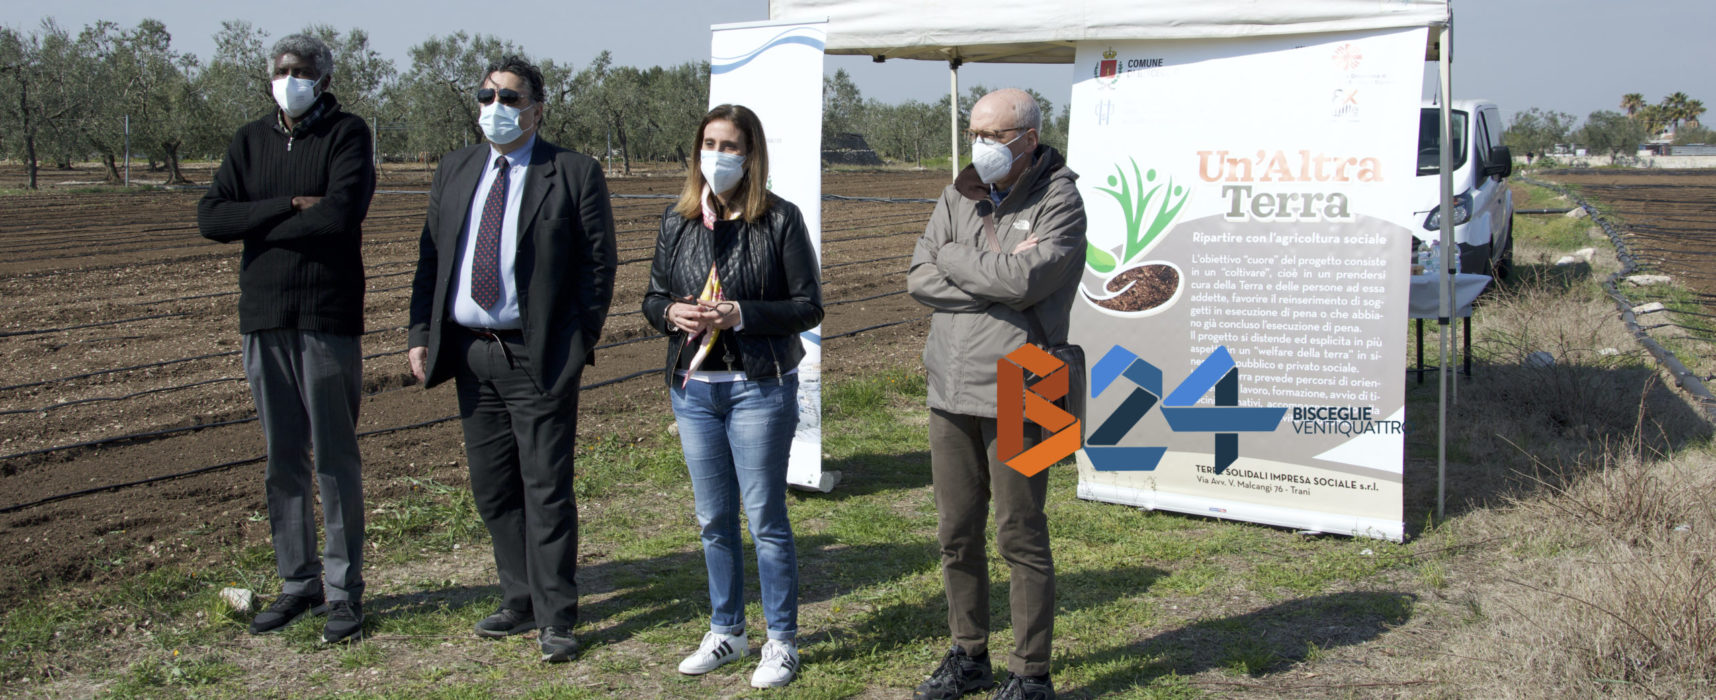 """A Bisceglie il progetto """"Un'altra terra"""": lavoro, solidarietà e futuro nell'agro"""